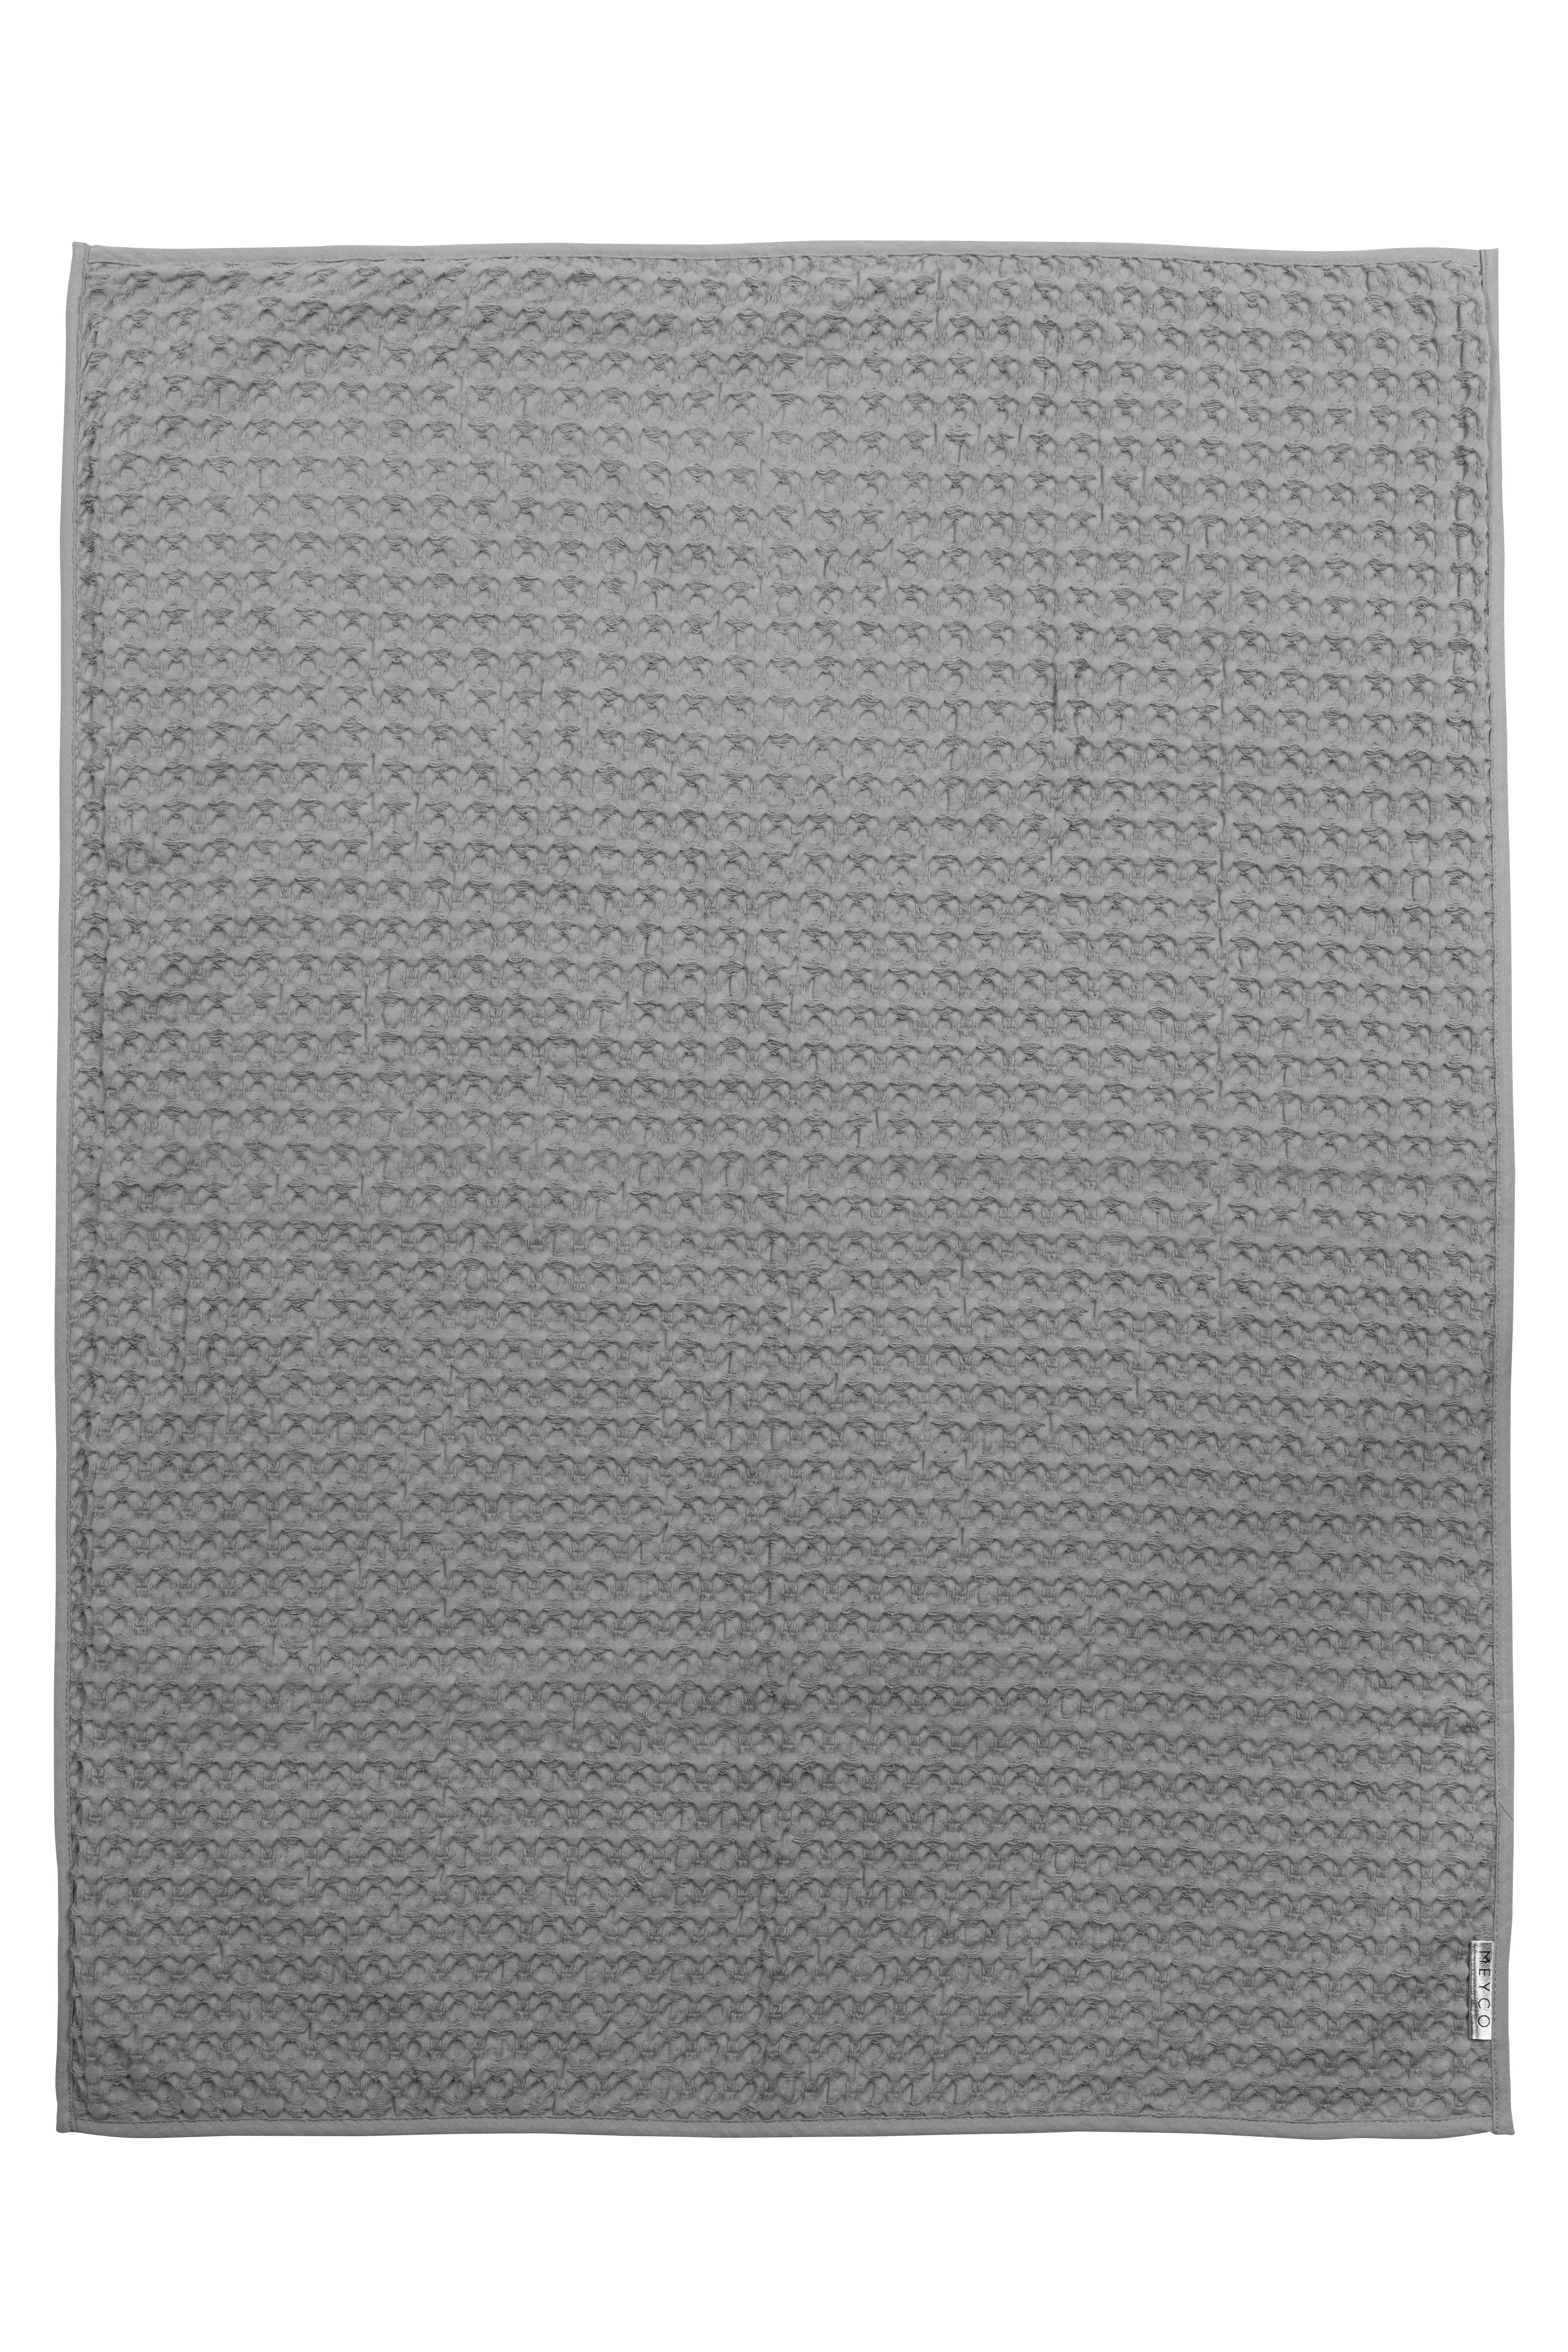 Ledikantdeken Wafel/Flanel Swan - Grijs - 120x150cm